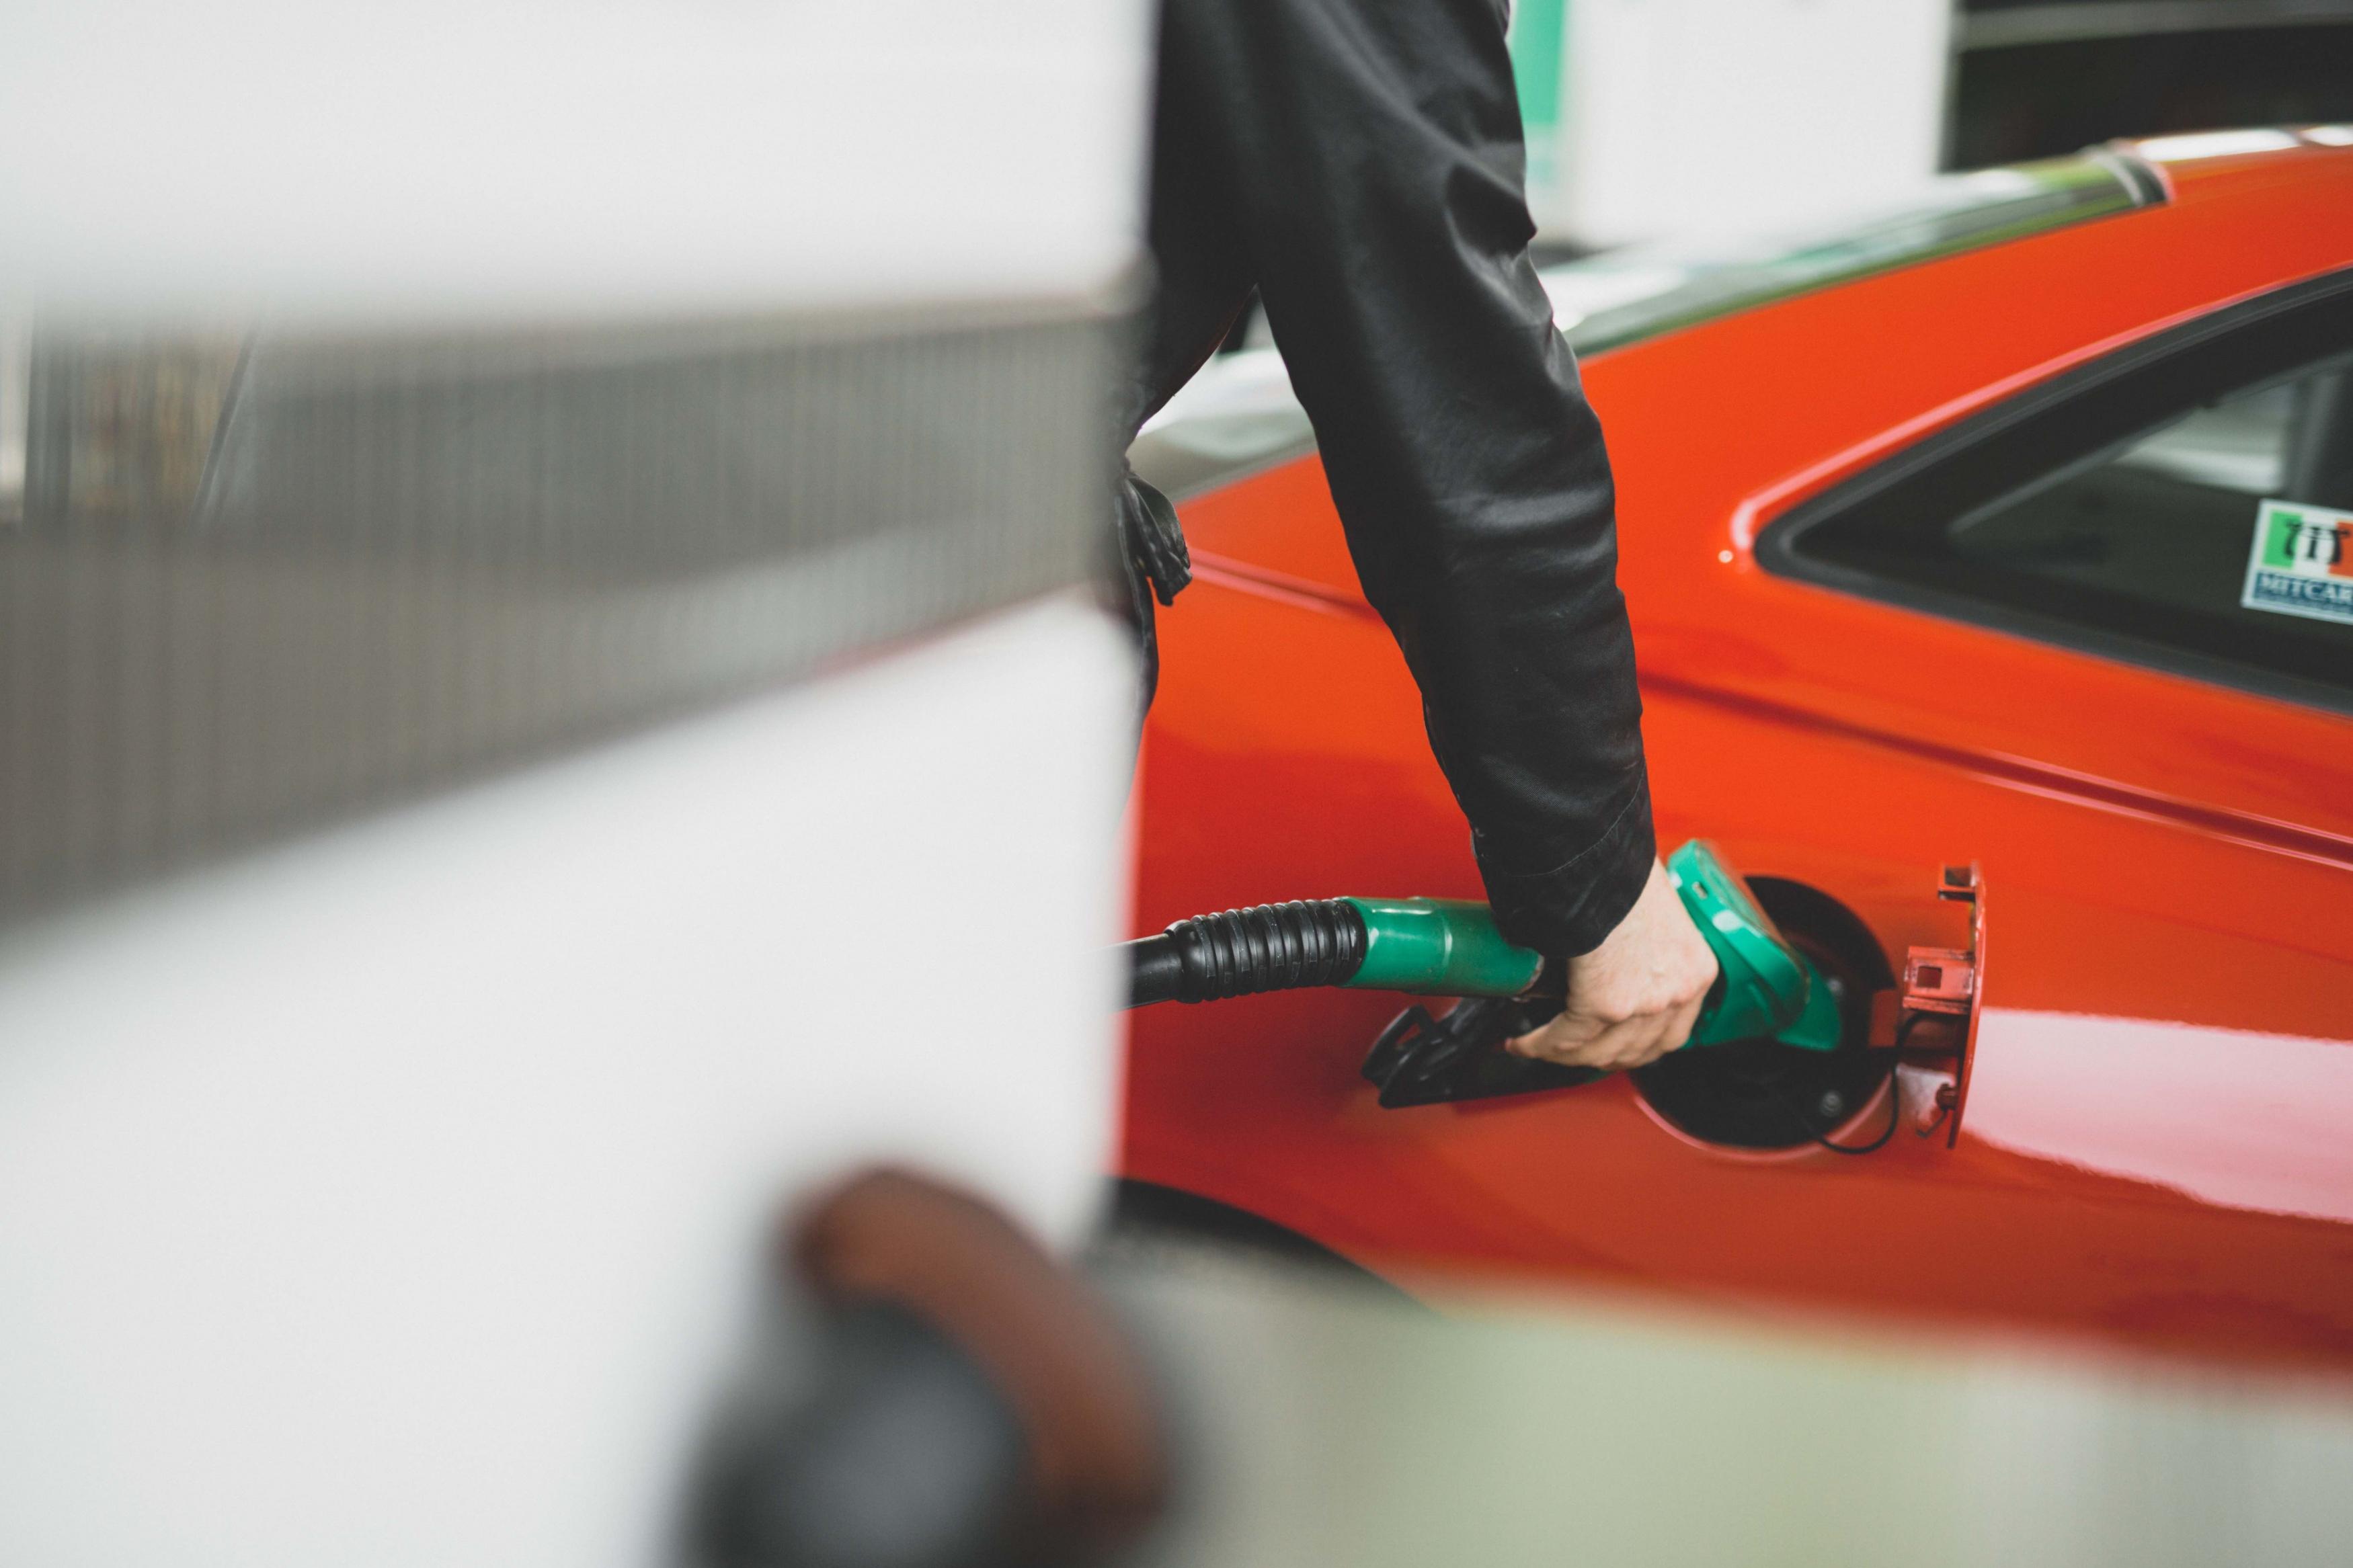 E10 fuel warning